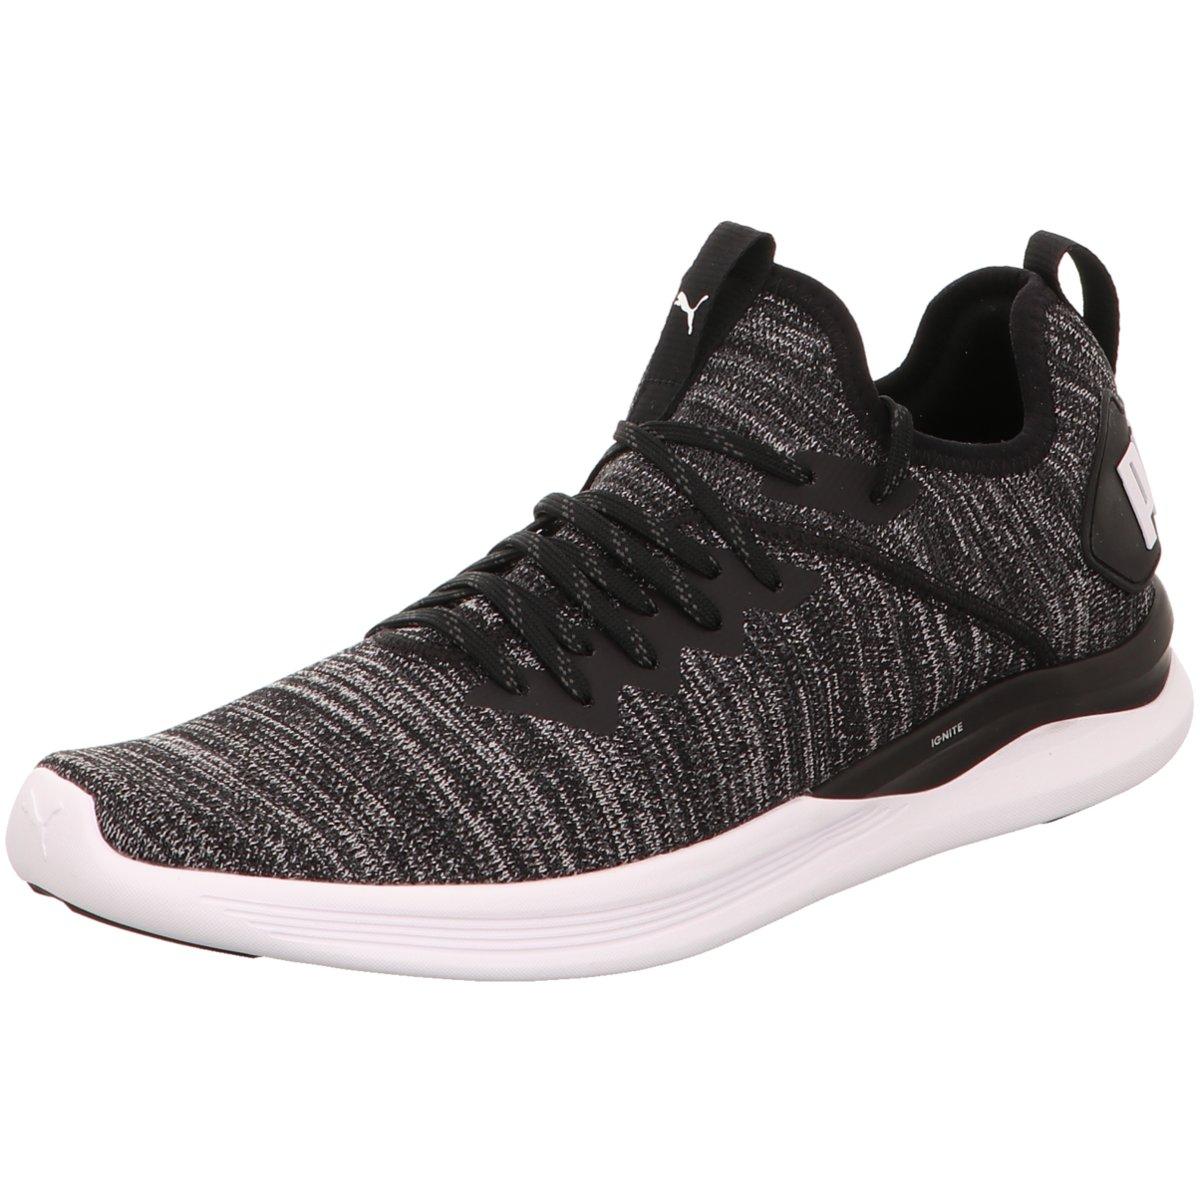 NEU Puma Herren Sneaker 190508/002 schwarz 409319